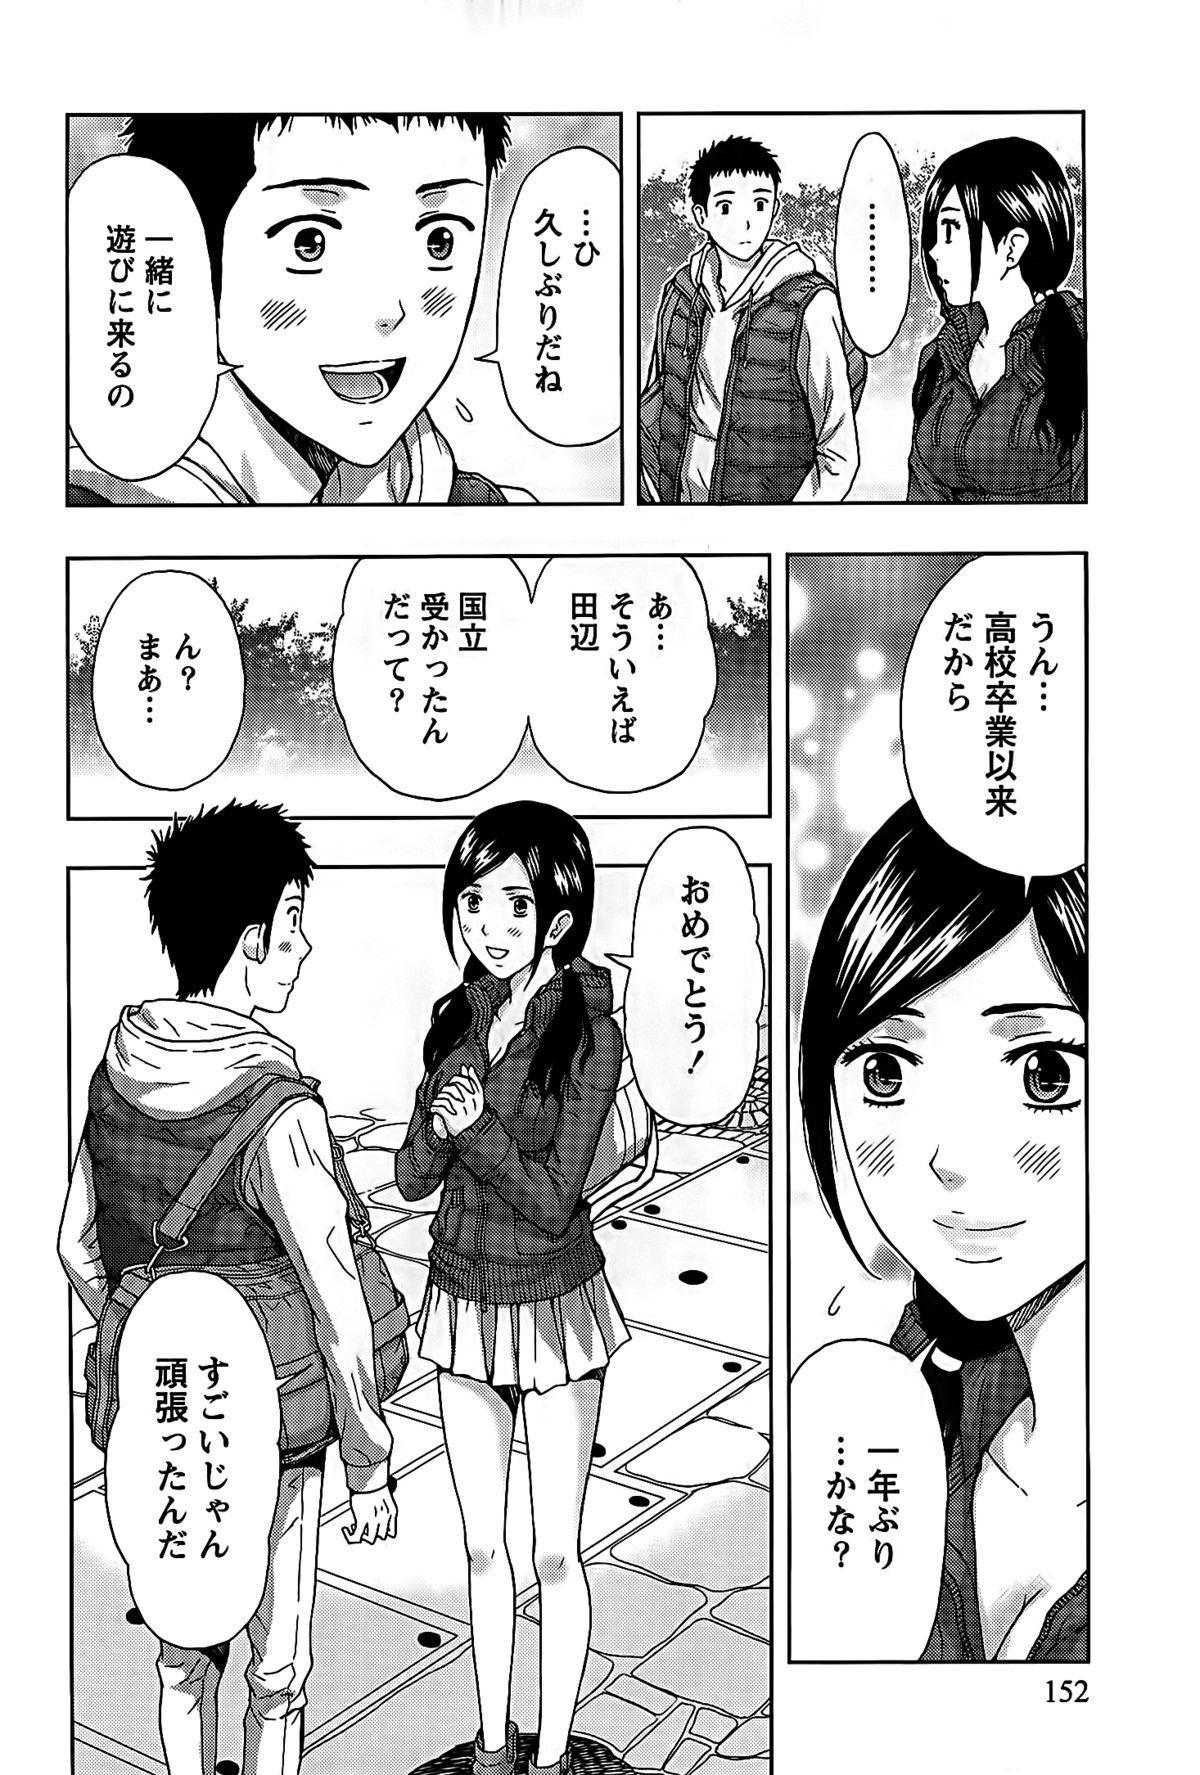 Shittori Lady to Amai Mitsu 152